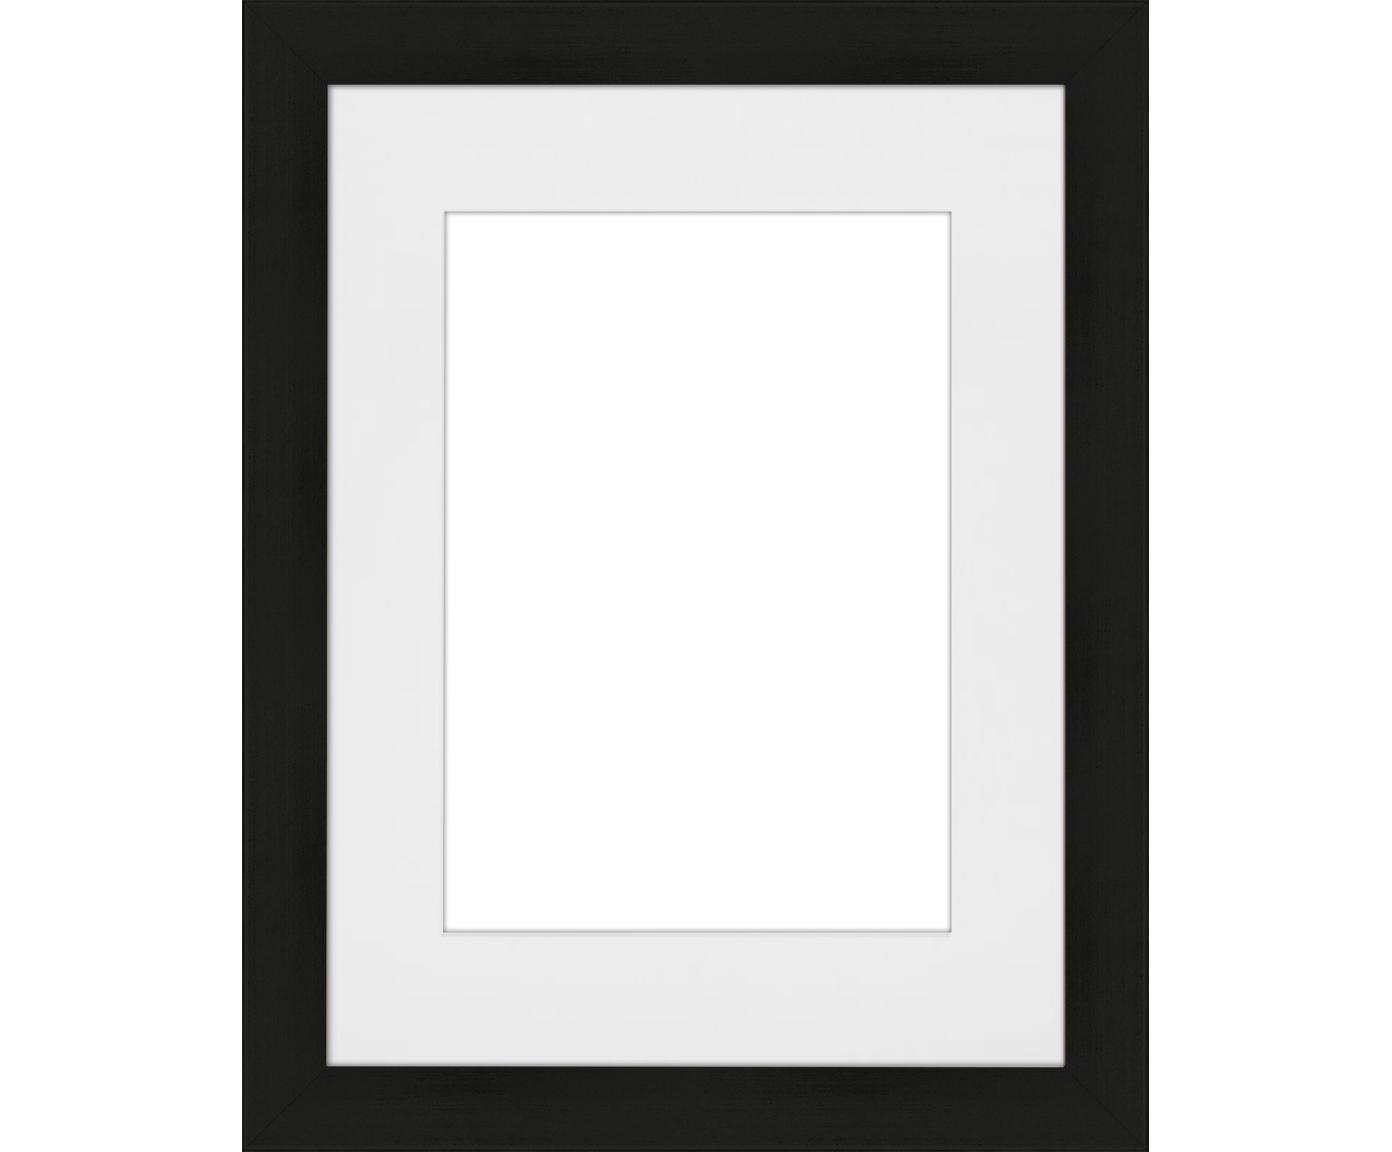 Marco Apollo, Parte trasera: Tablero de fibras de dens, Negro, 18 x 24 cm